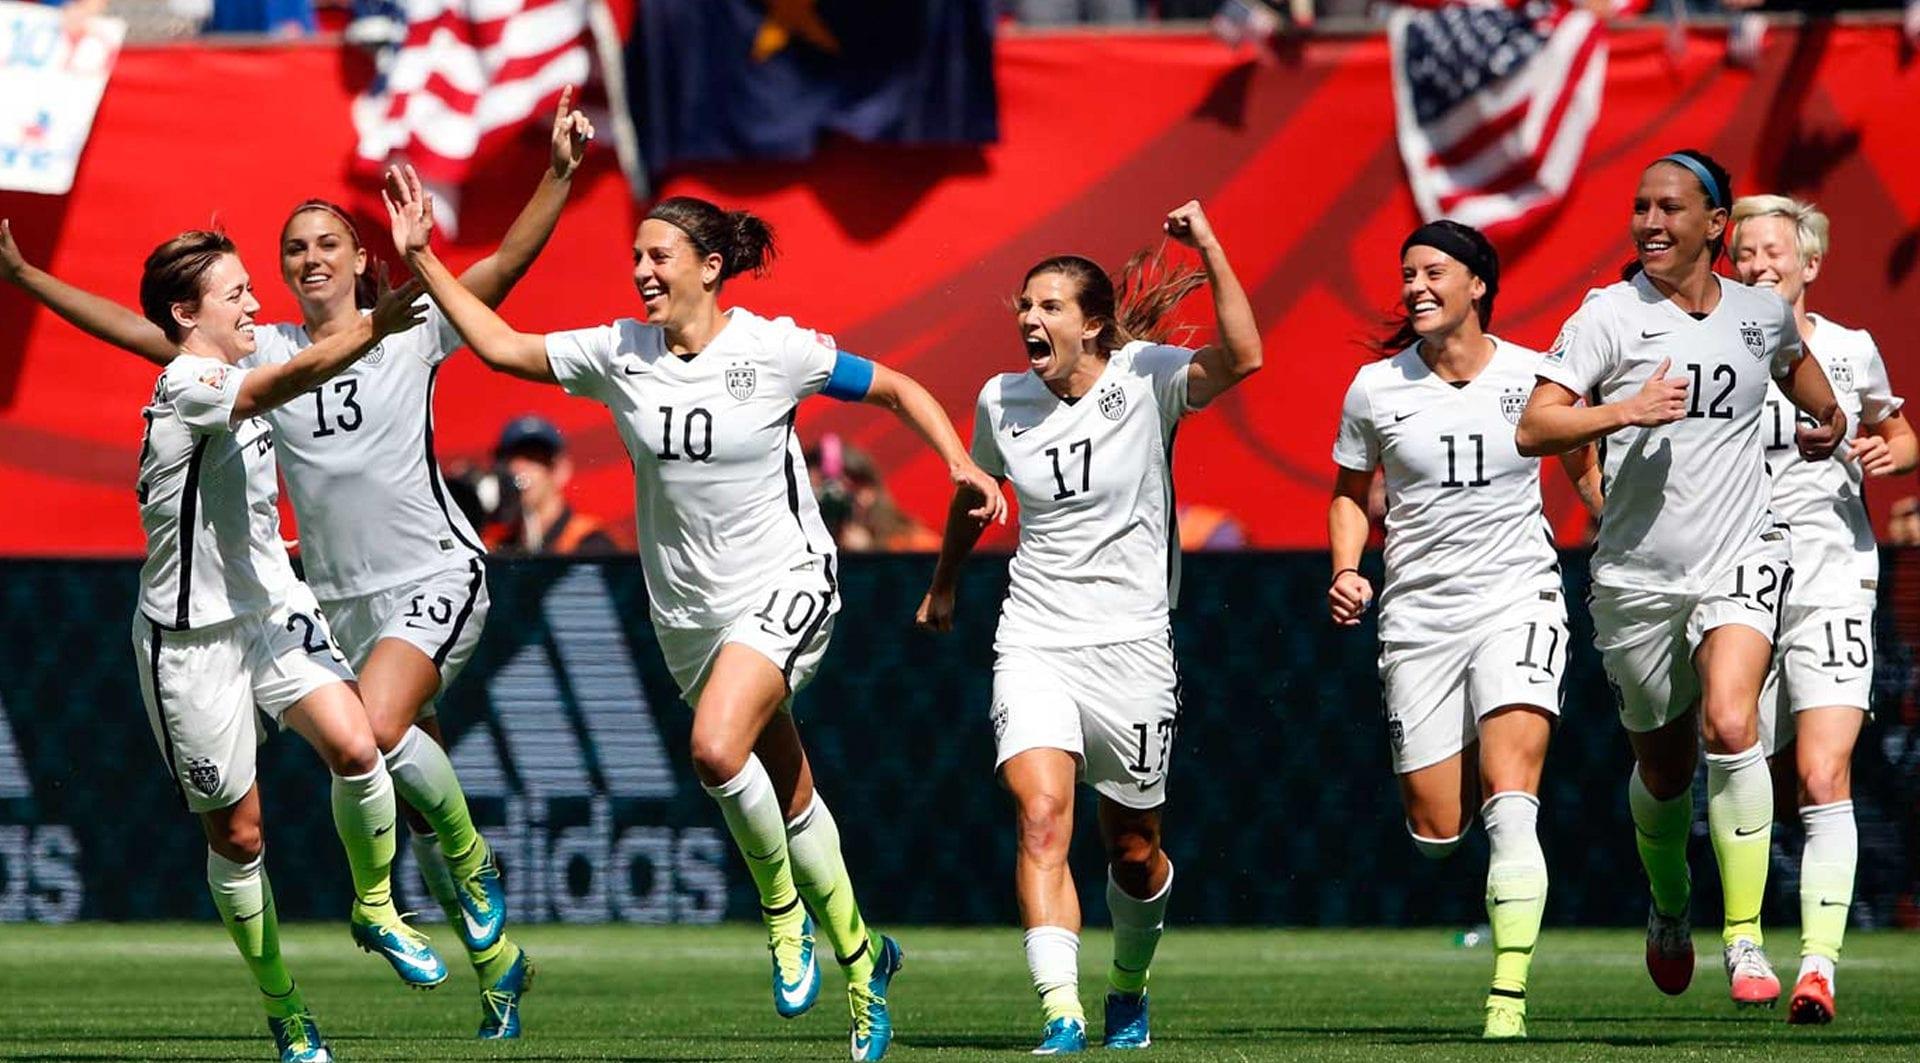 امریکا فوتبال - زنان امريكايى تاريخ ساز شدند